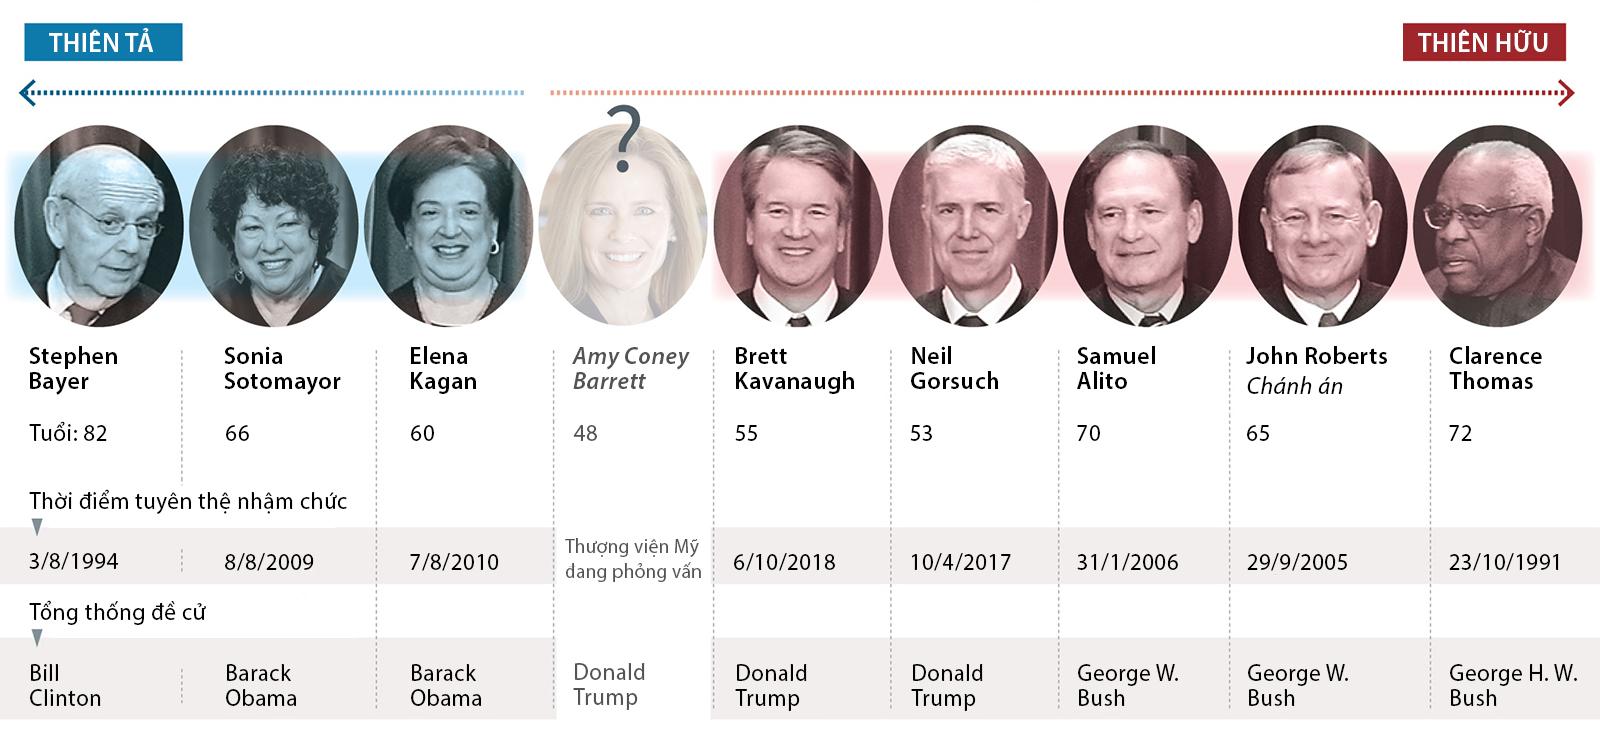 Những thẩm phán trọn đời của Tòa án Tối cao Mỹ